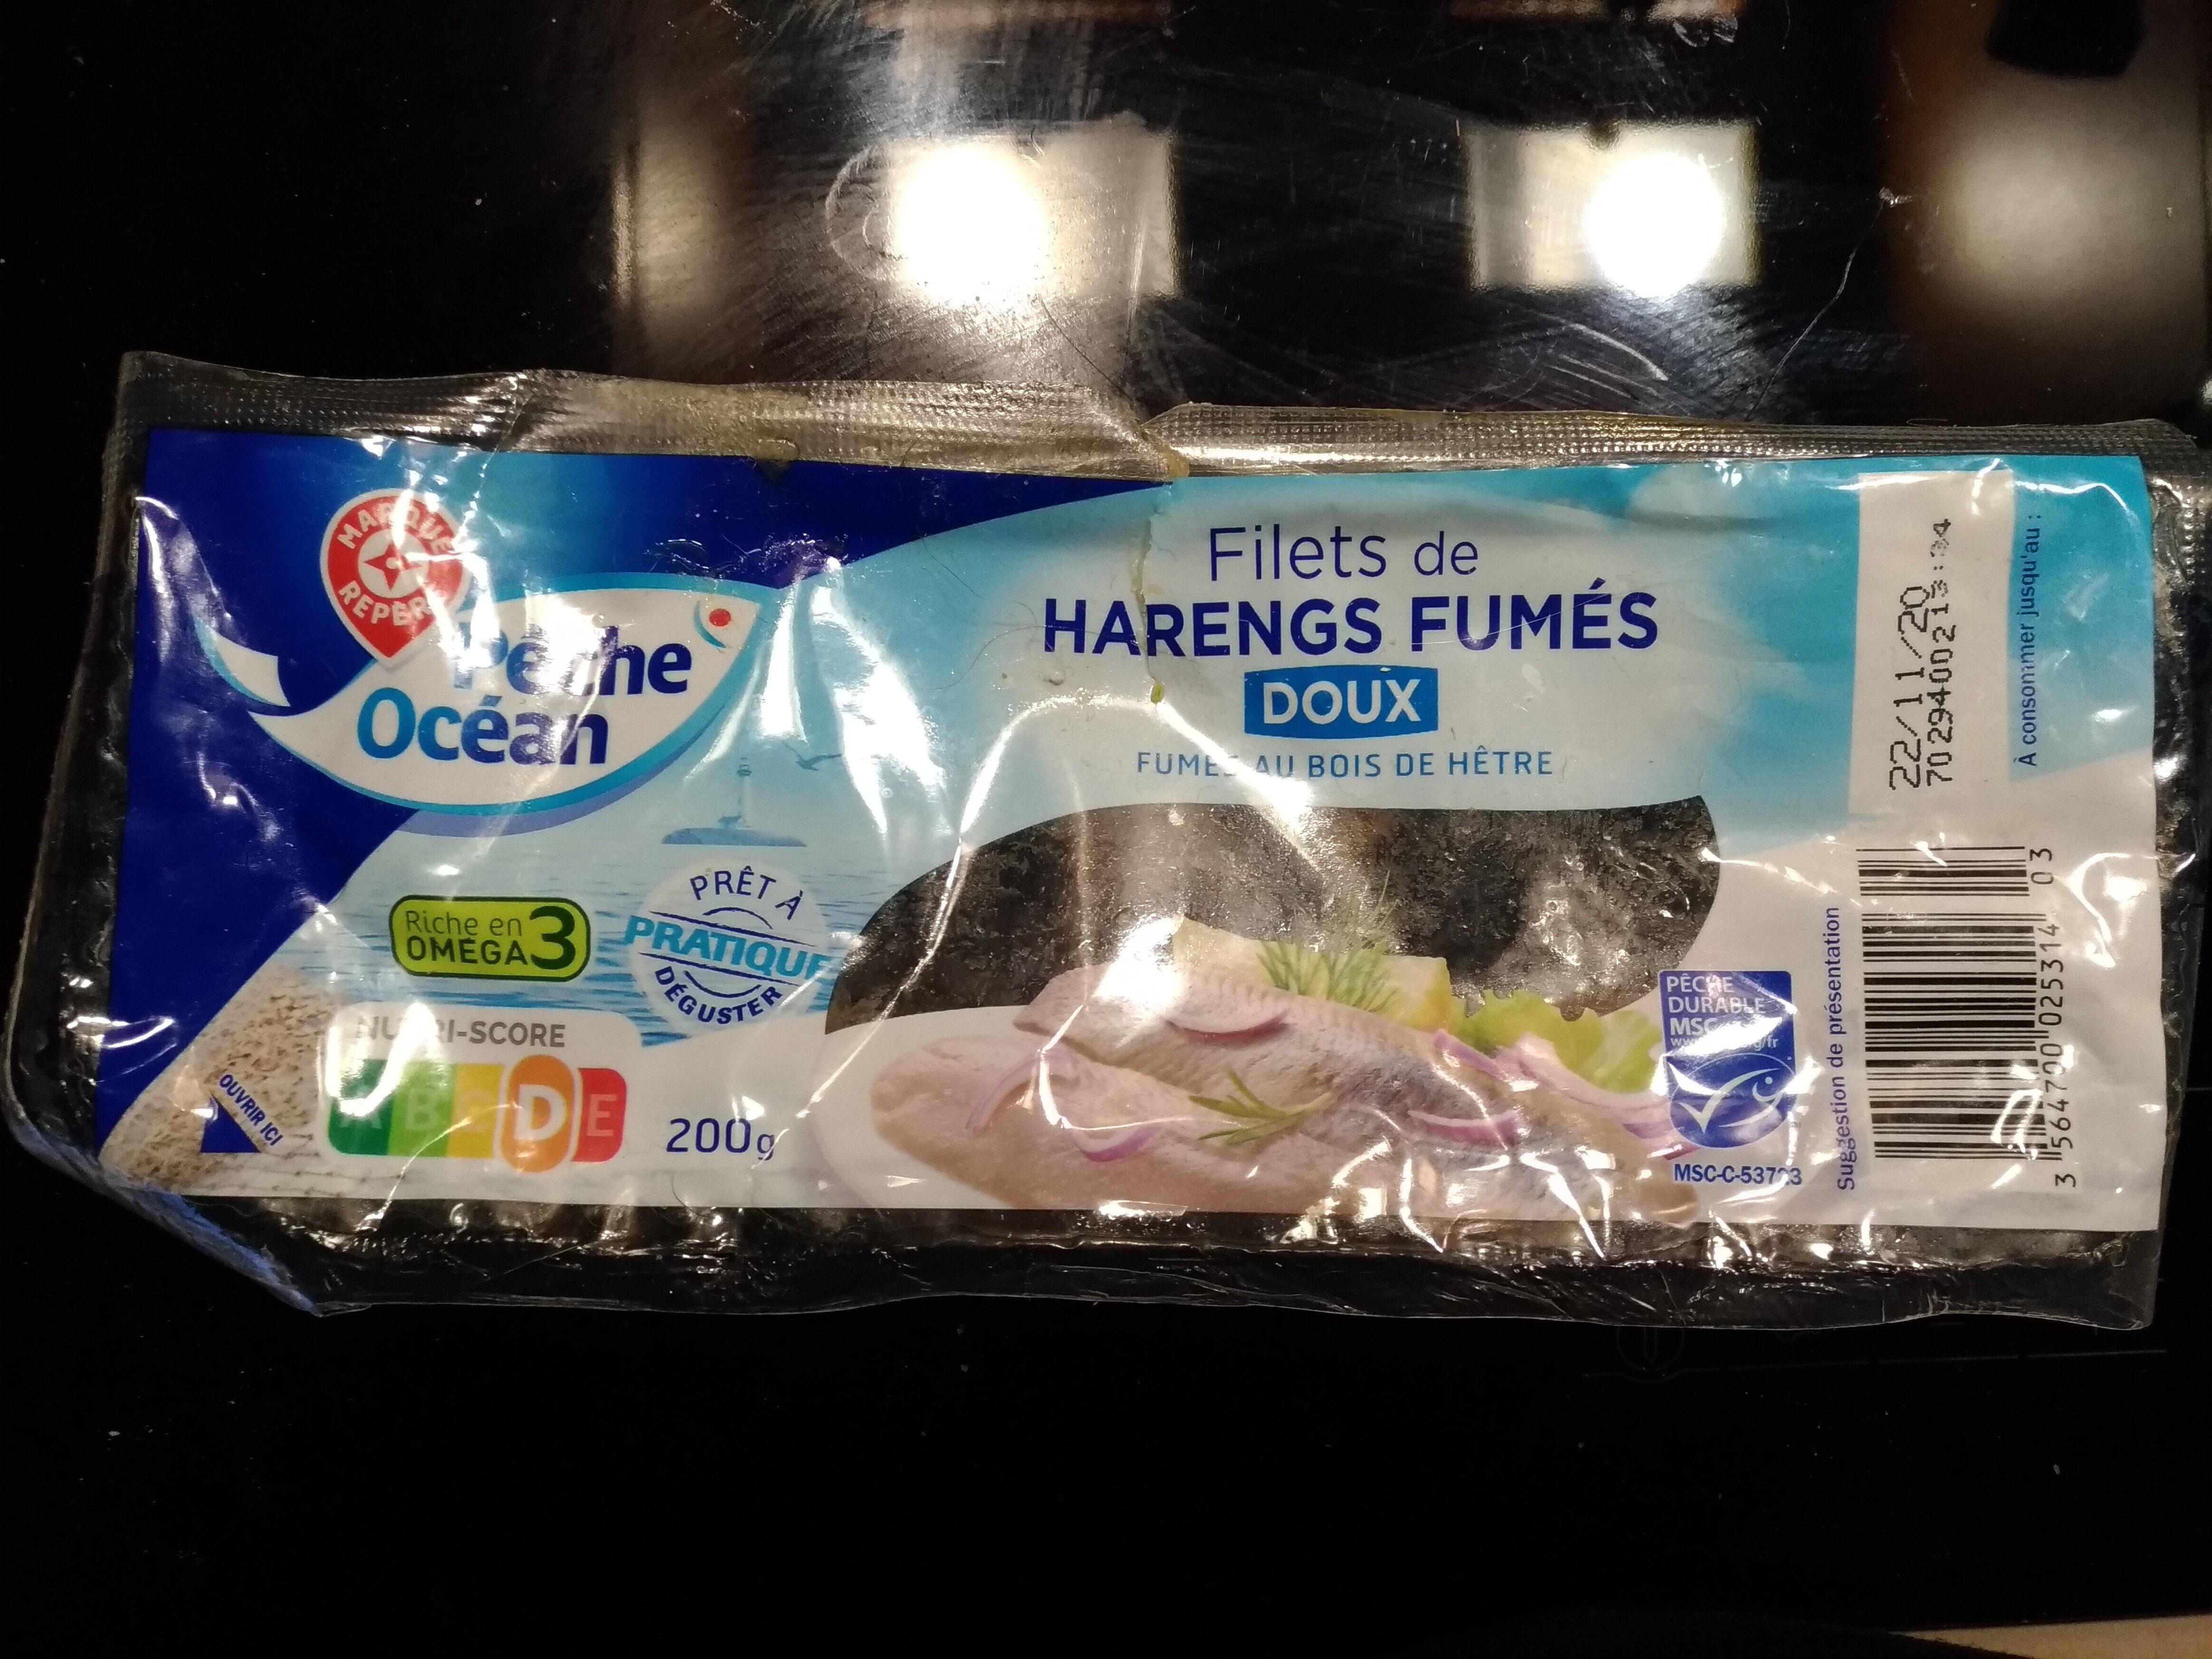 Filets de harengs fumés doux - Produit - fr